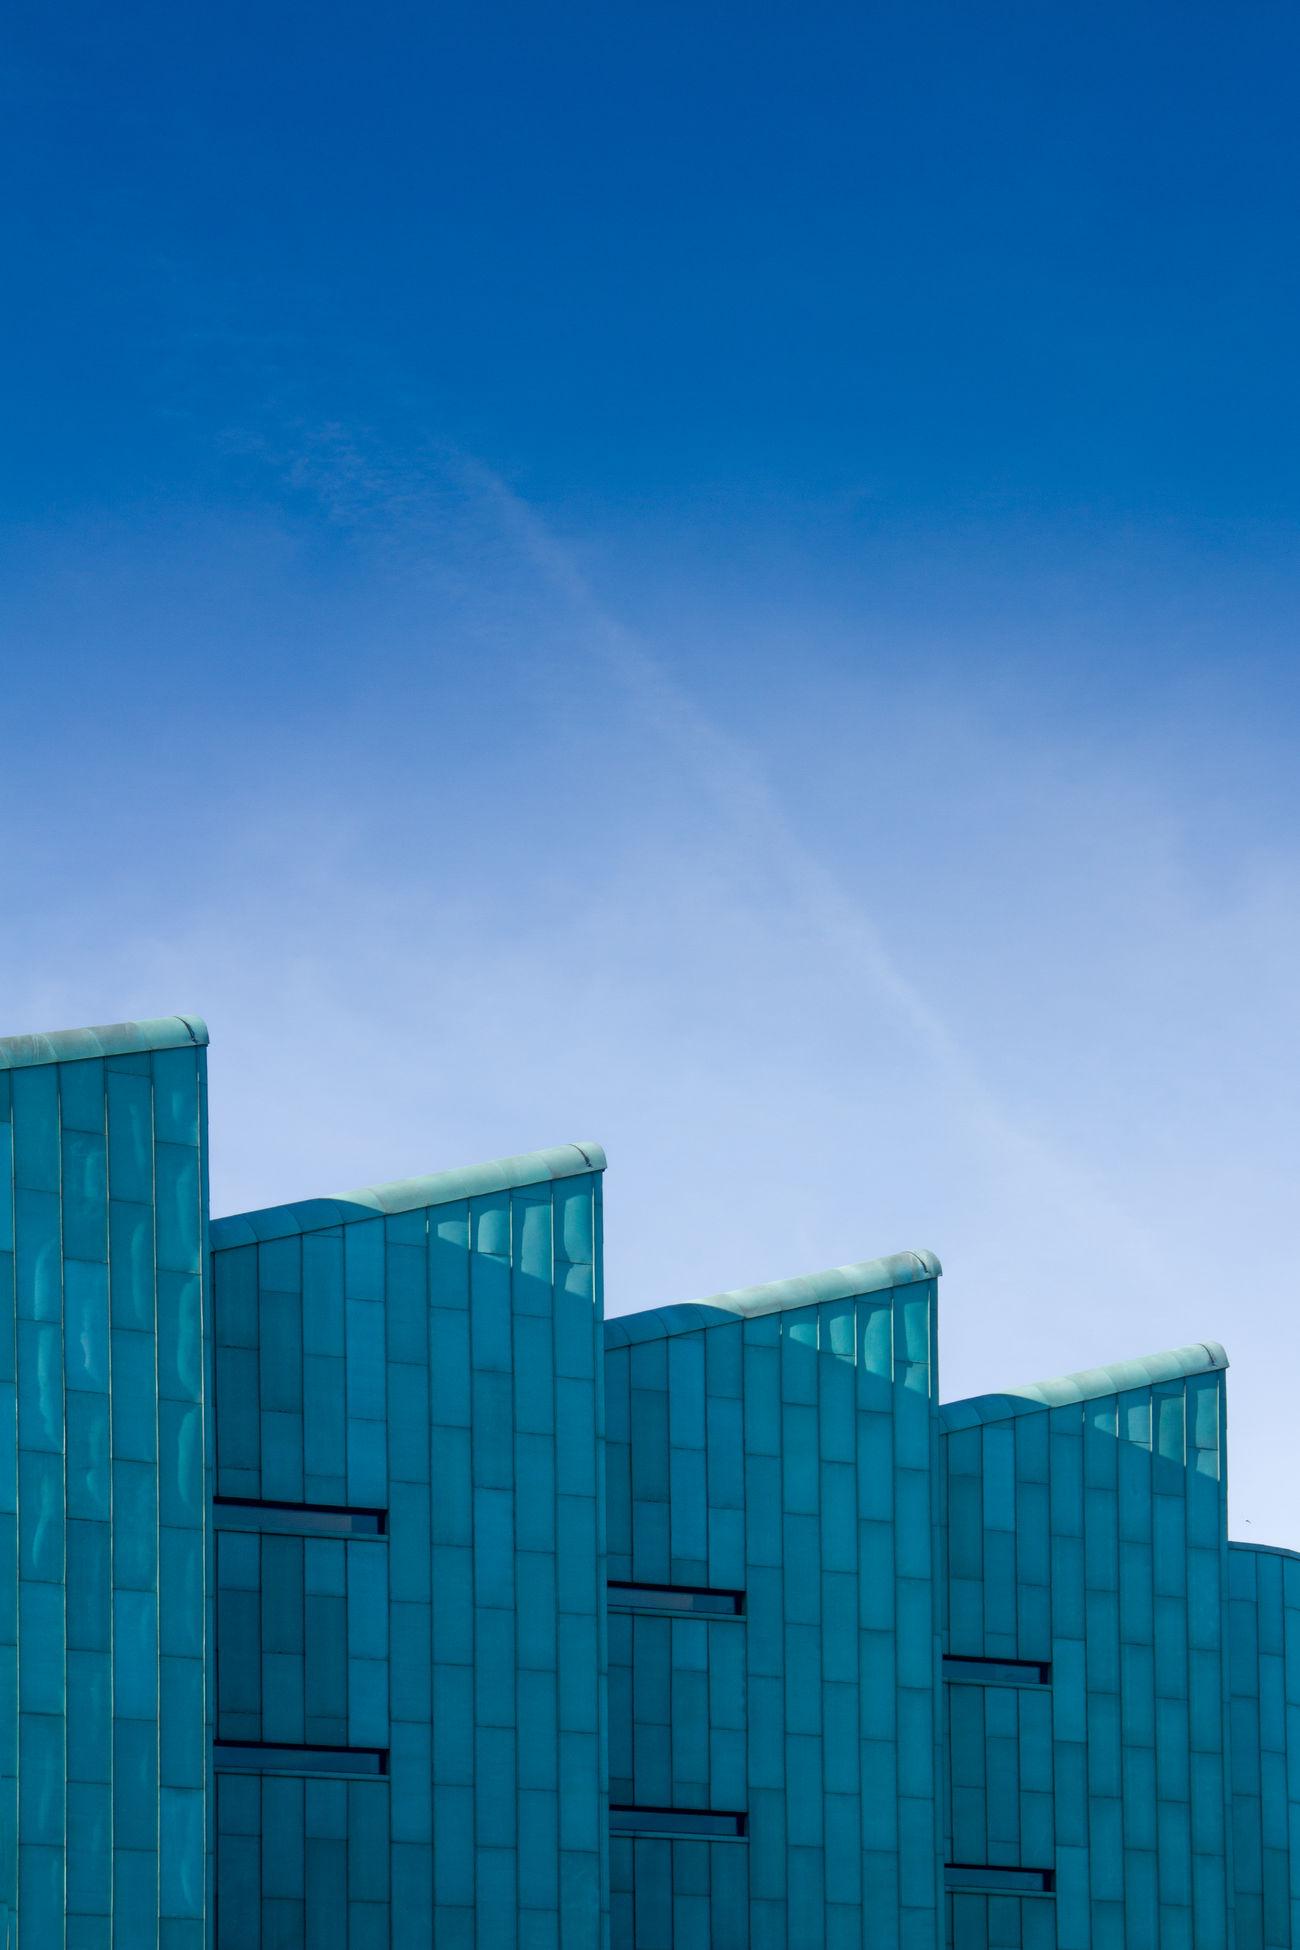 Architecture Blue Building Geometric Shapes Geometry Modern Modern Architecture Sky Windows The Architect - 2017 EyeEm Awards The Architect - 2017 EyeEm Awards